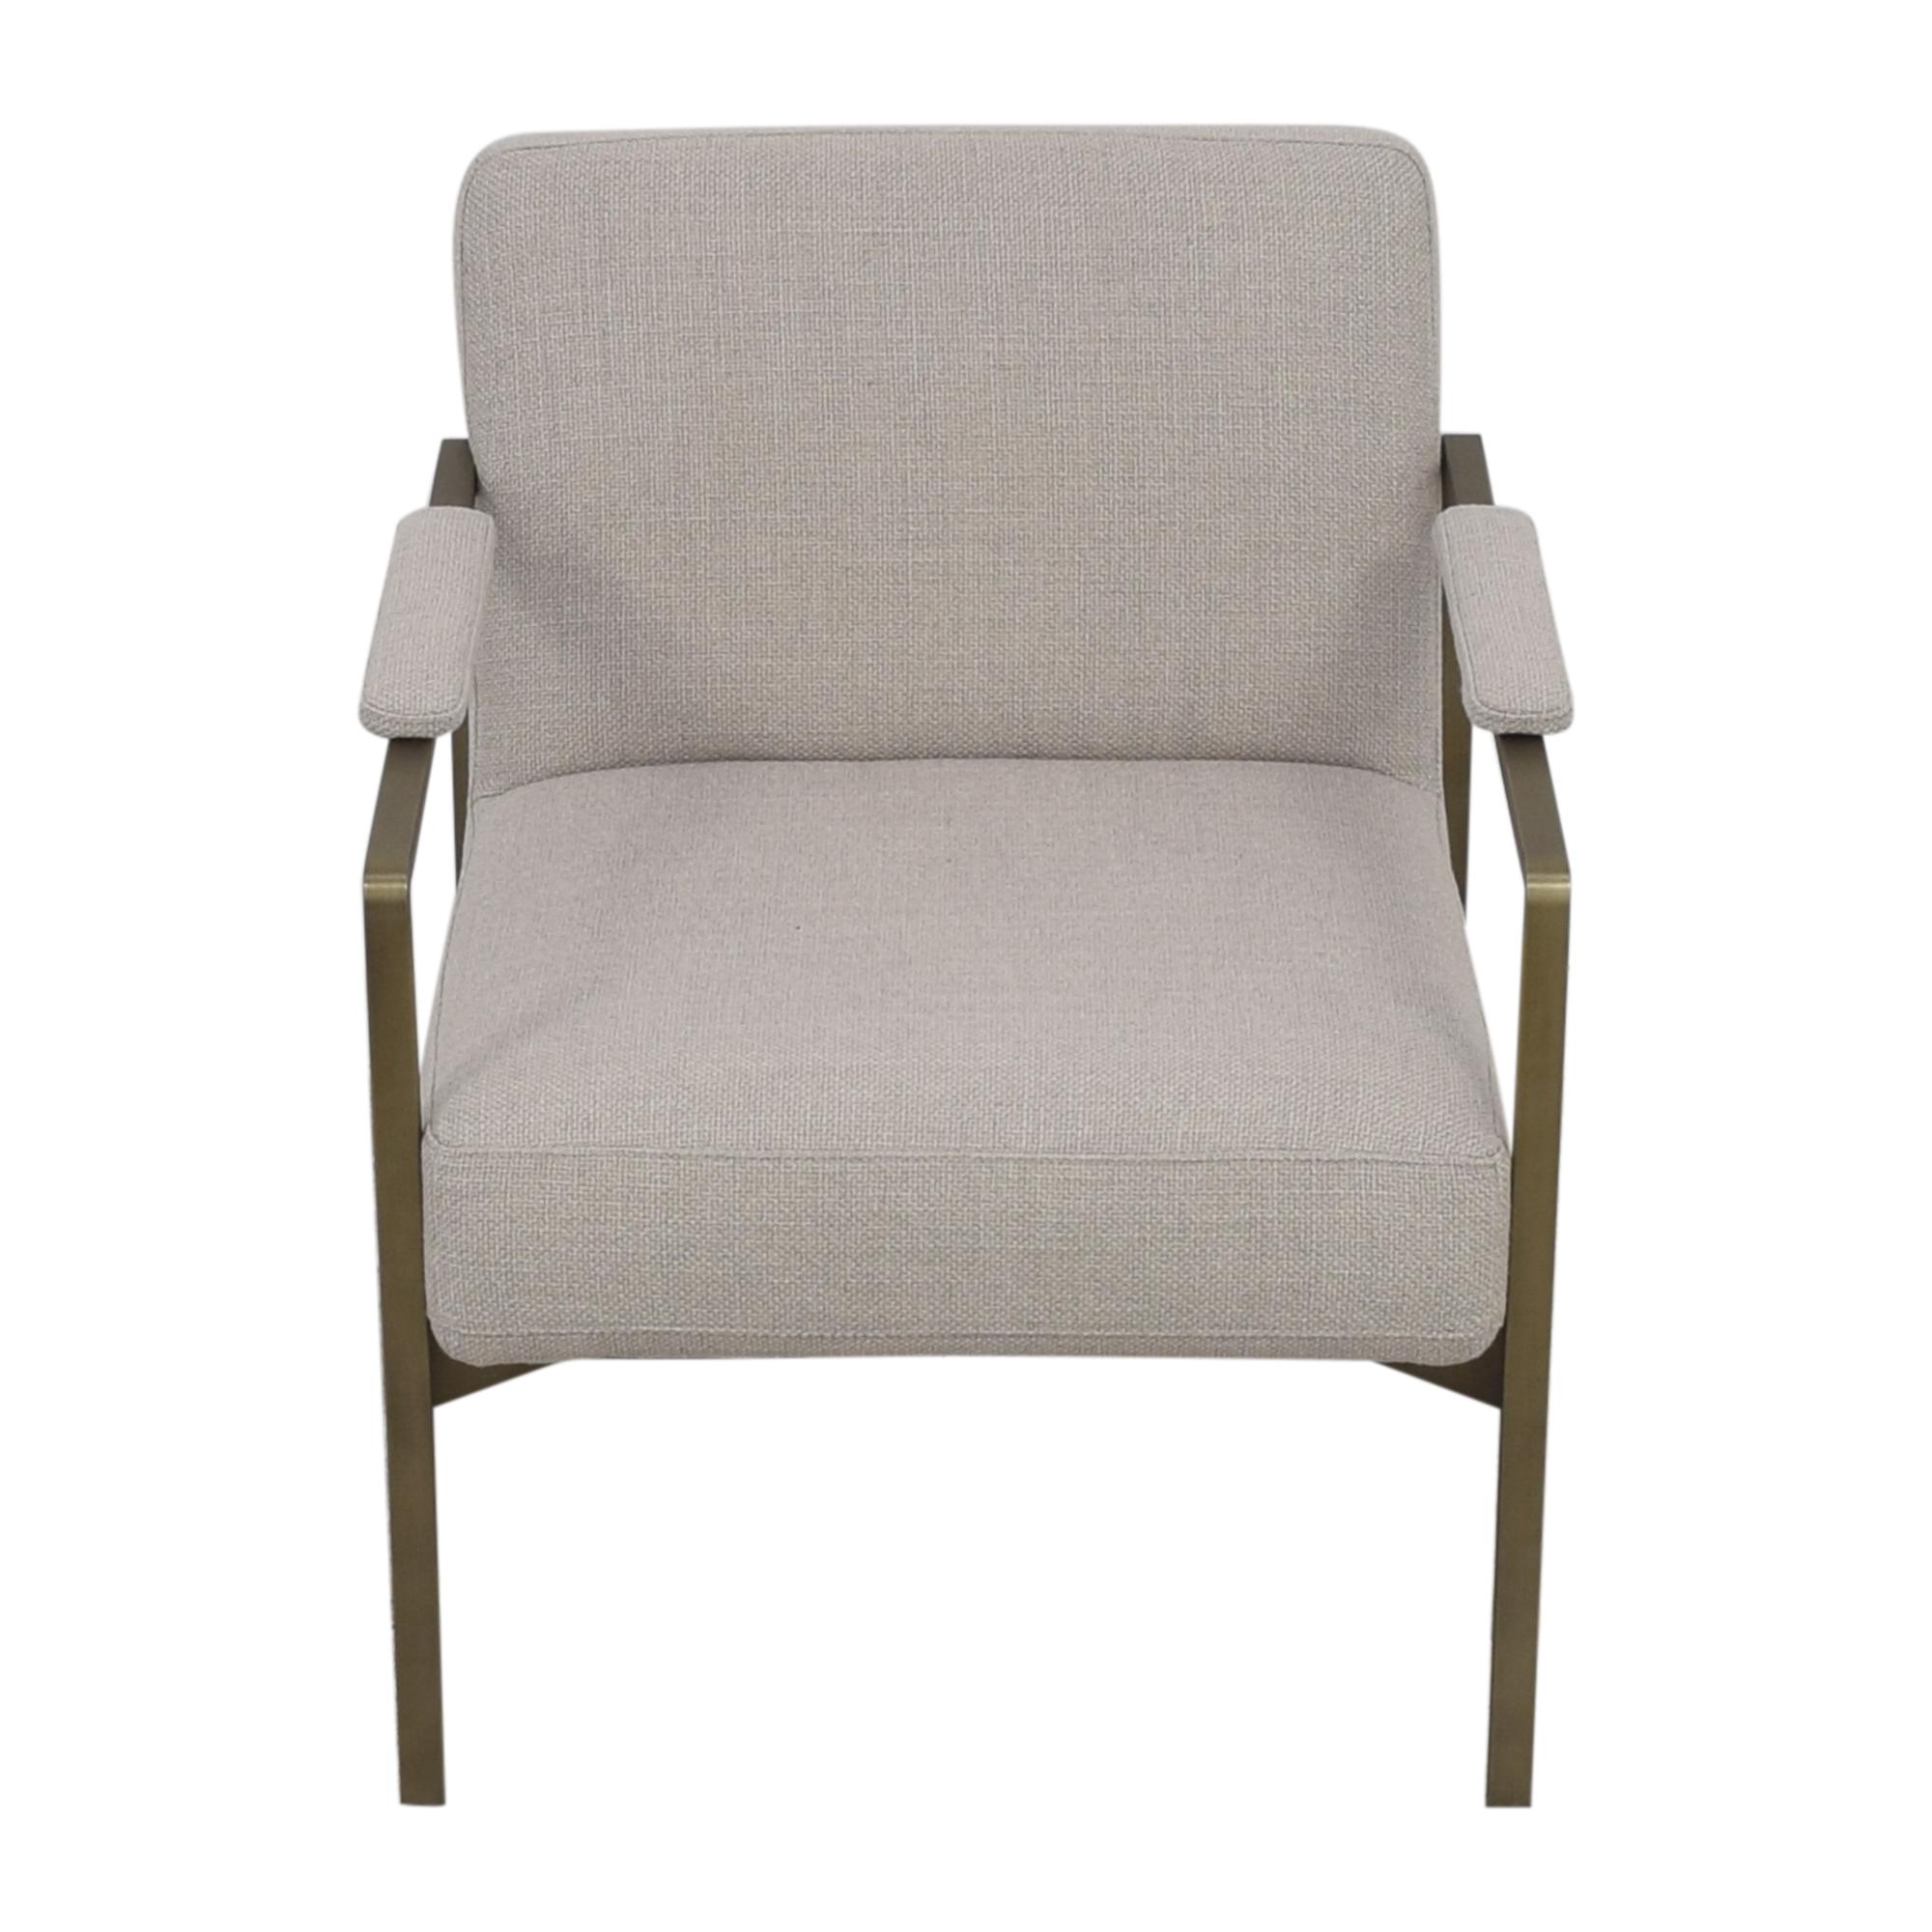 West Elm Highline Arm Chair sale